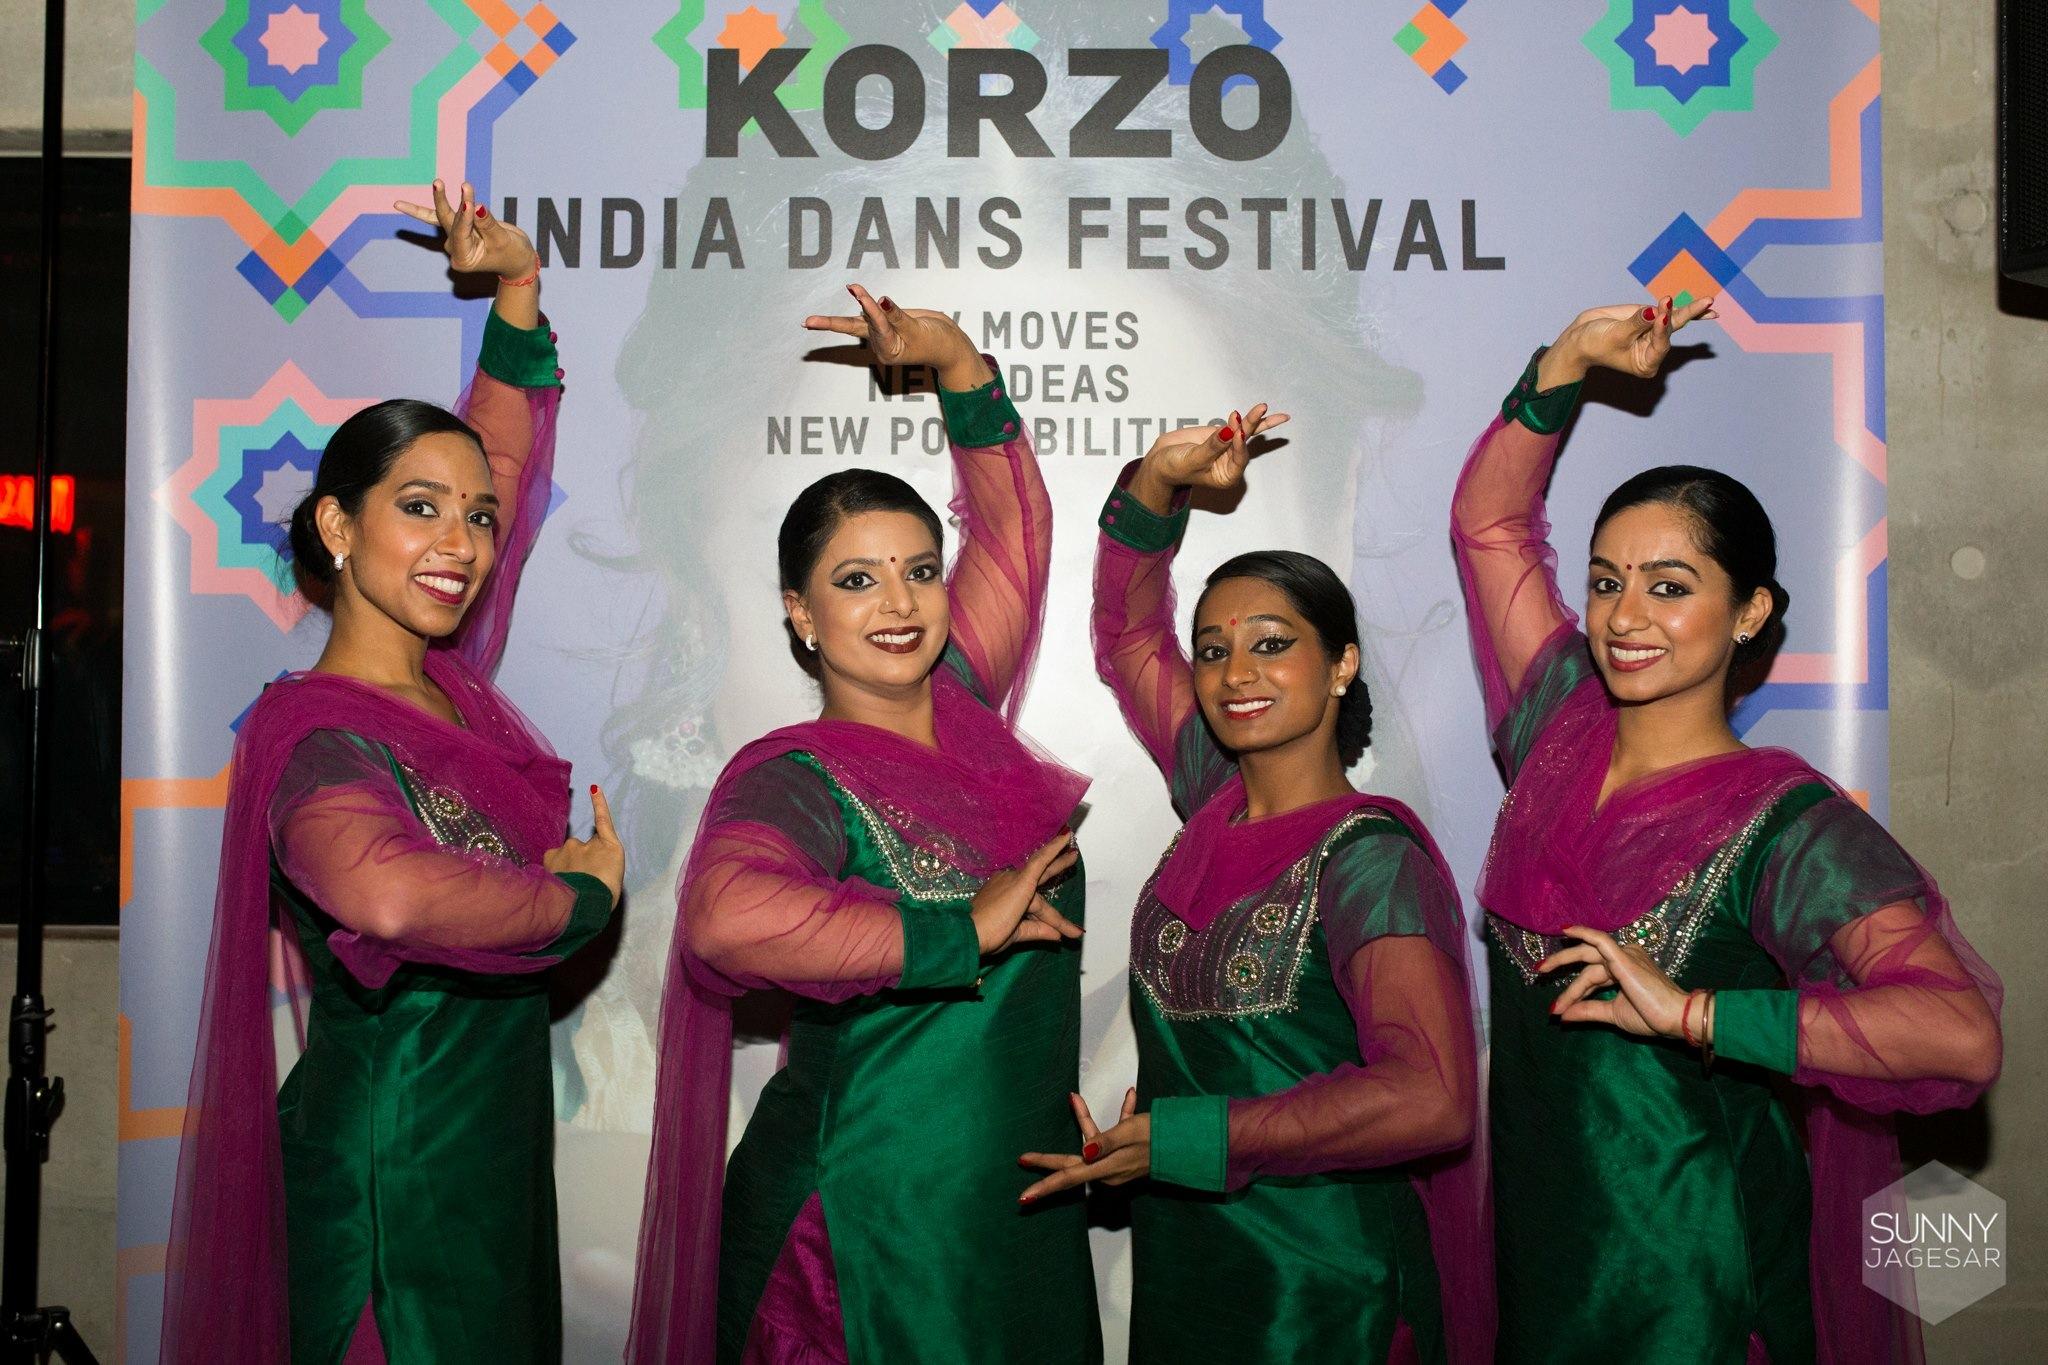 Korzo Indiase dansfestival 2015 - 2